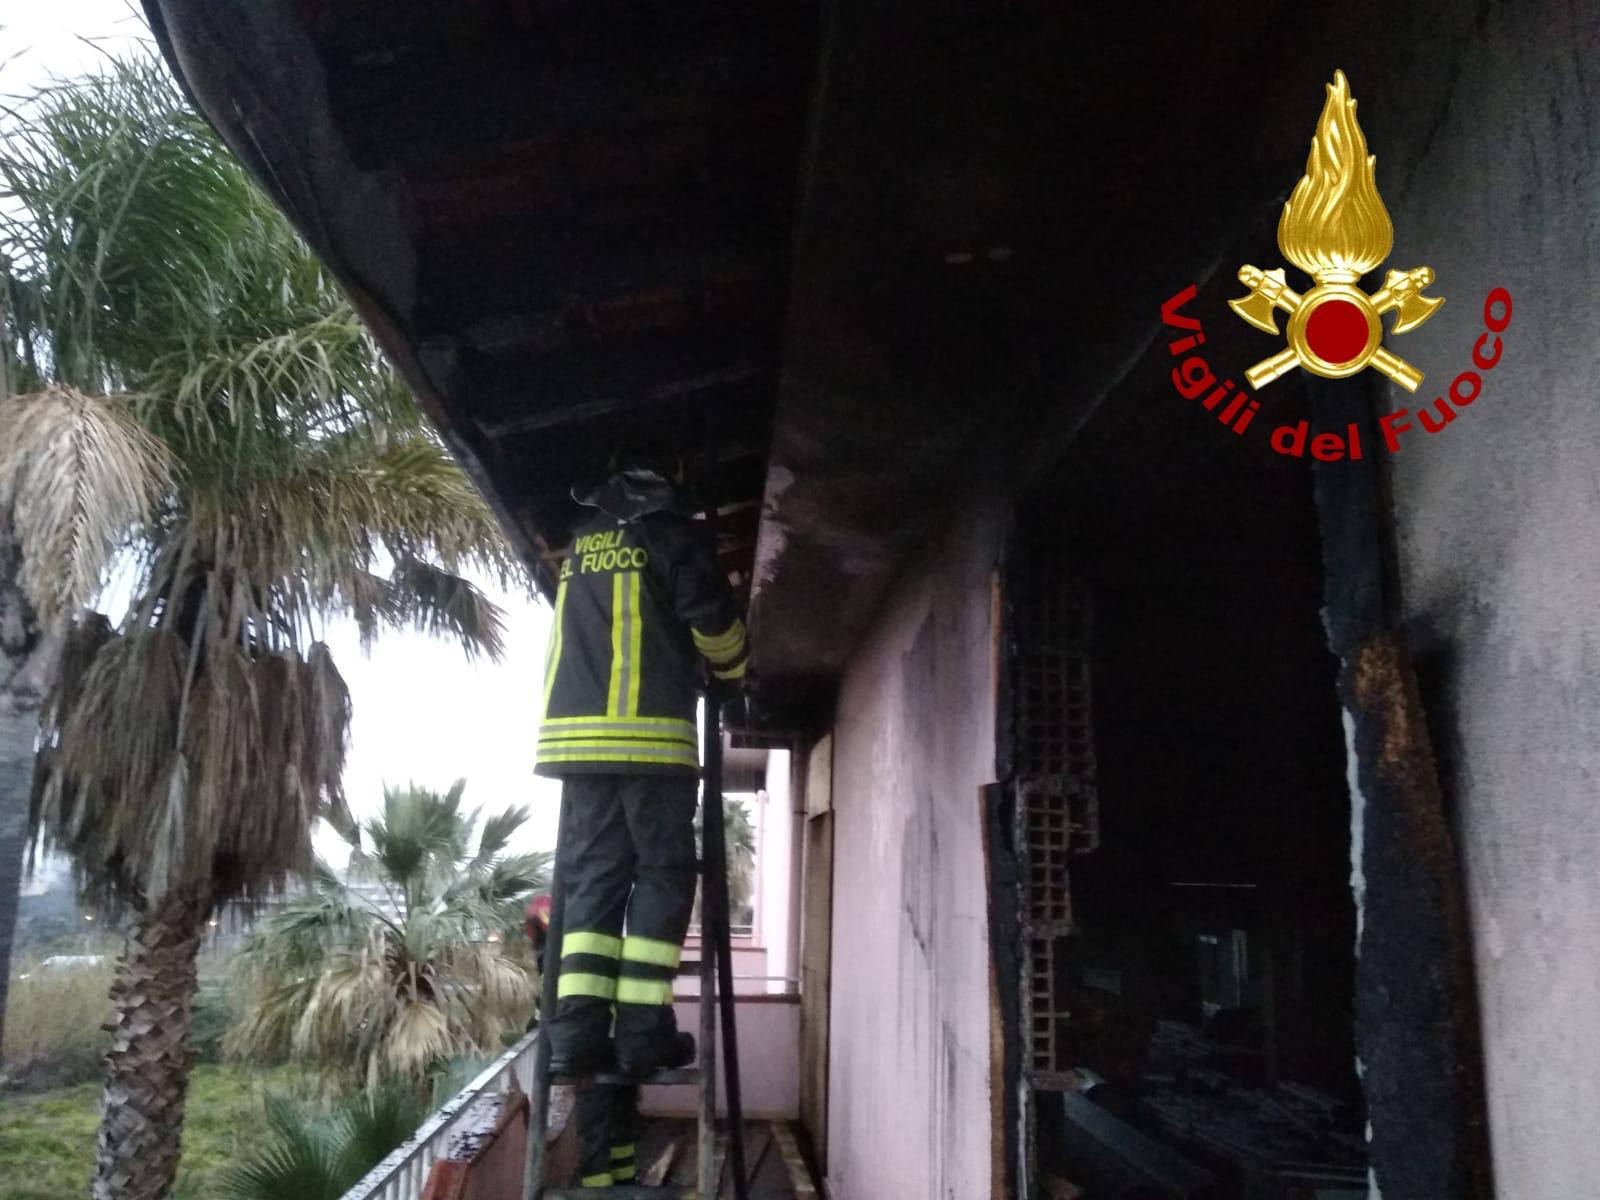 incendio in una villetta a barcellona